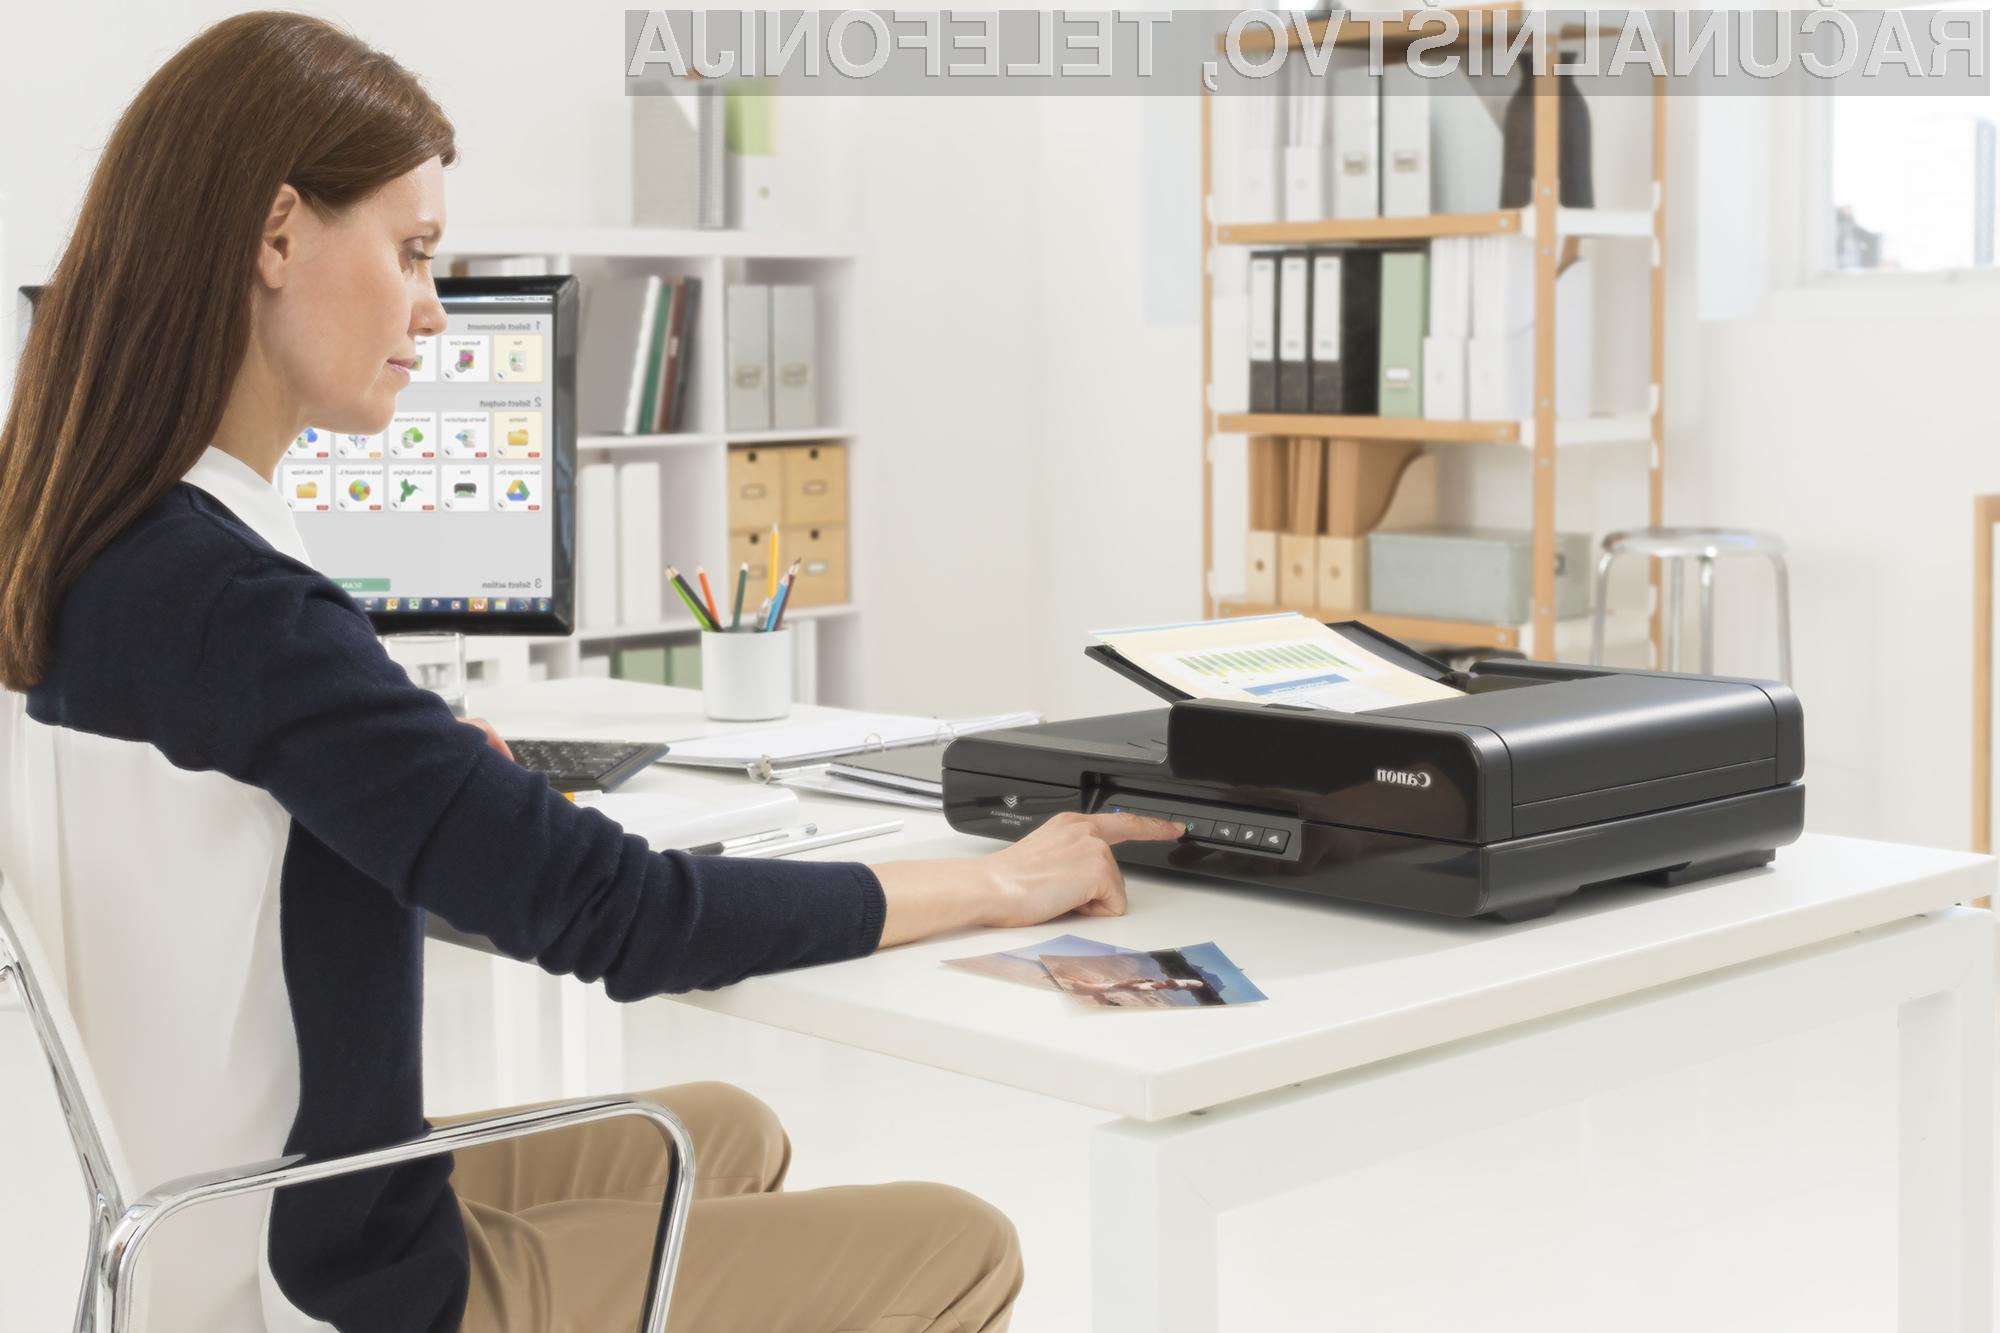 Canonove kompaktne naprave za tiskanje in skeniranje omogočajo povezovanje z brezžičnim omrežjem.